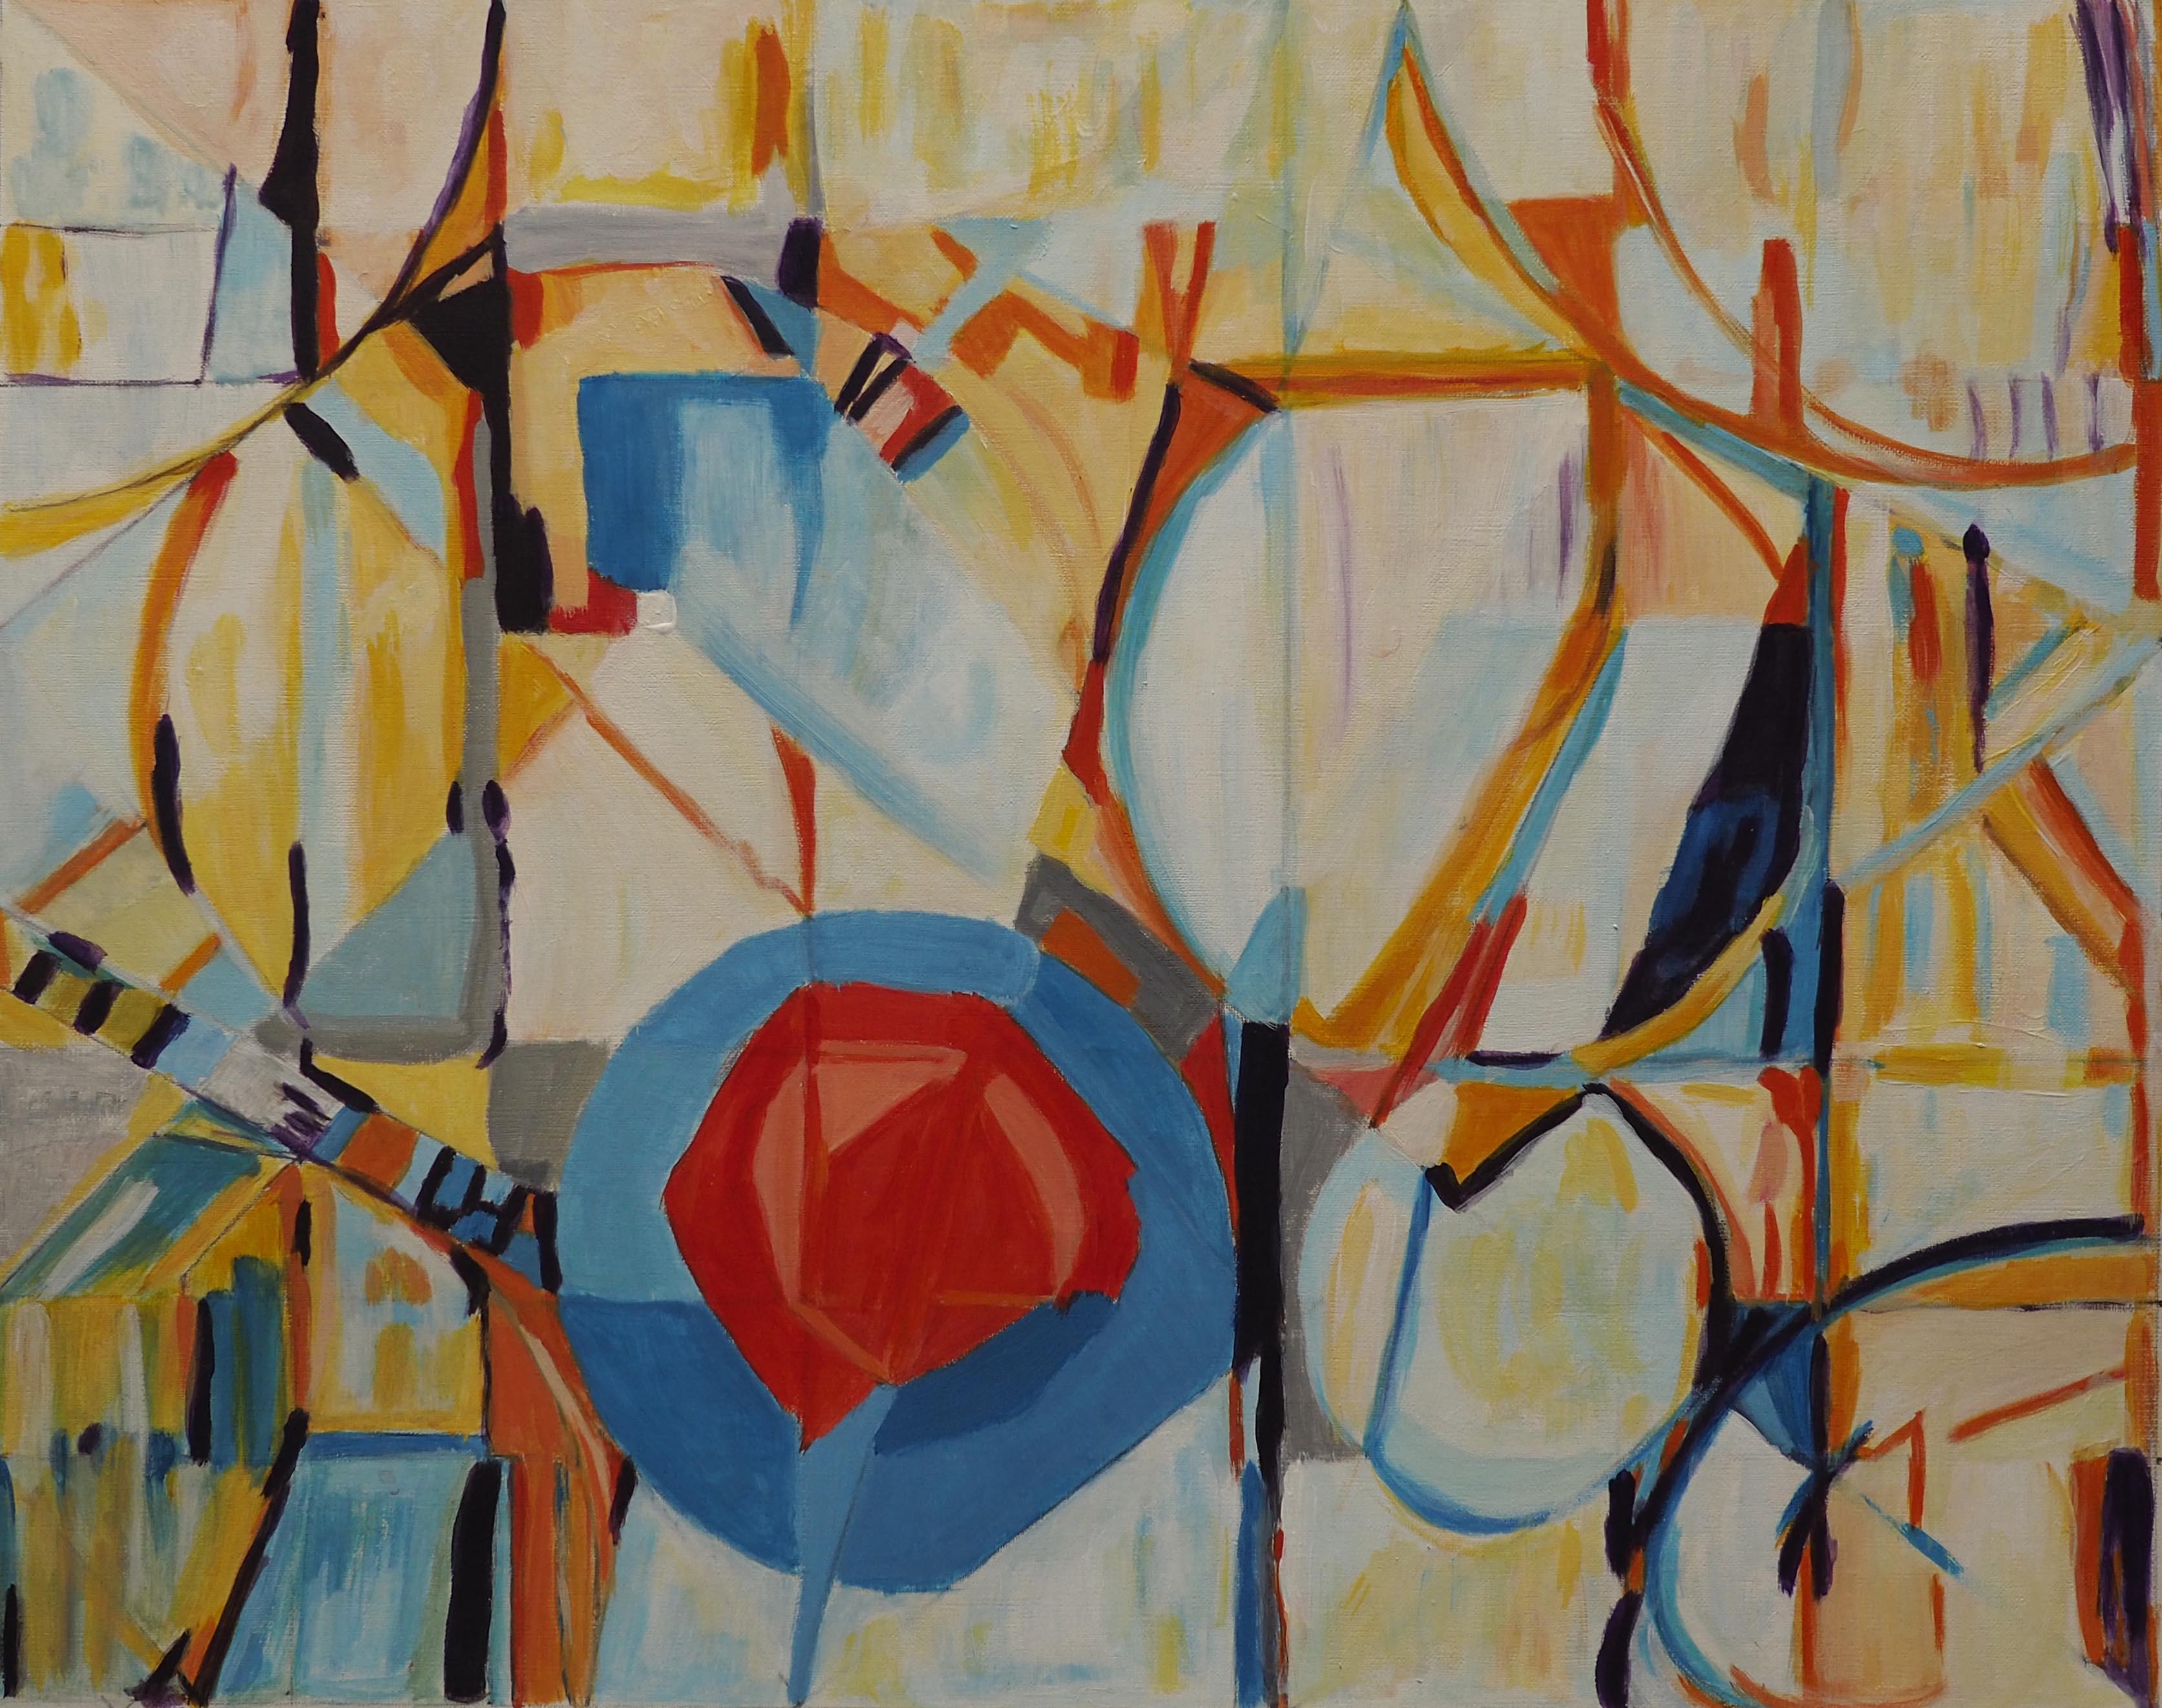 Souad Hsayen, 40x50